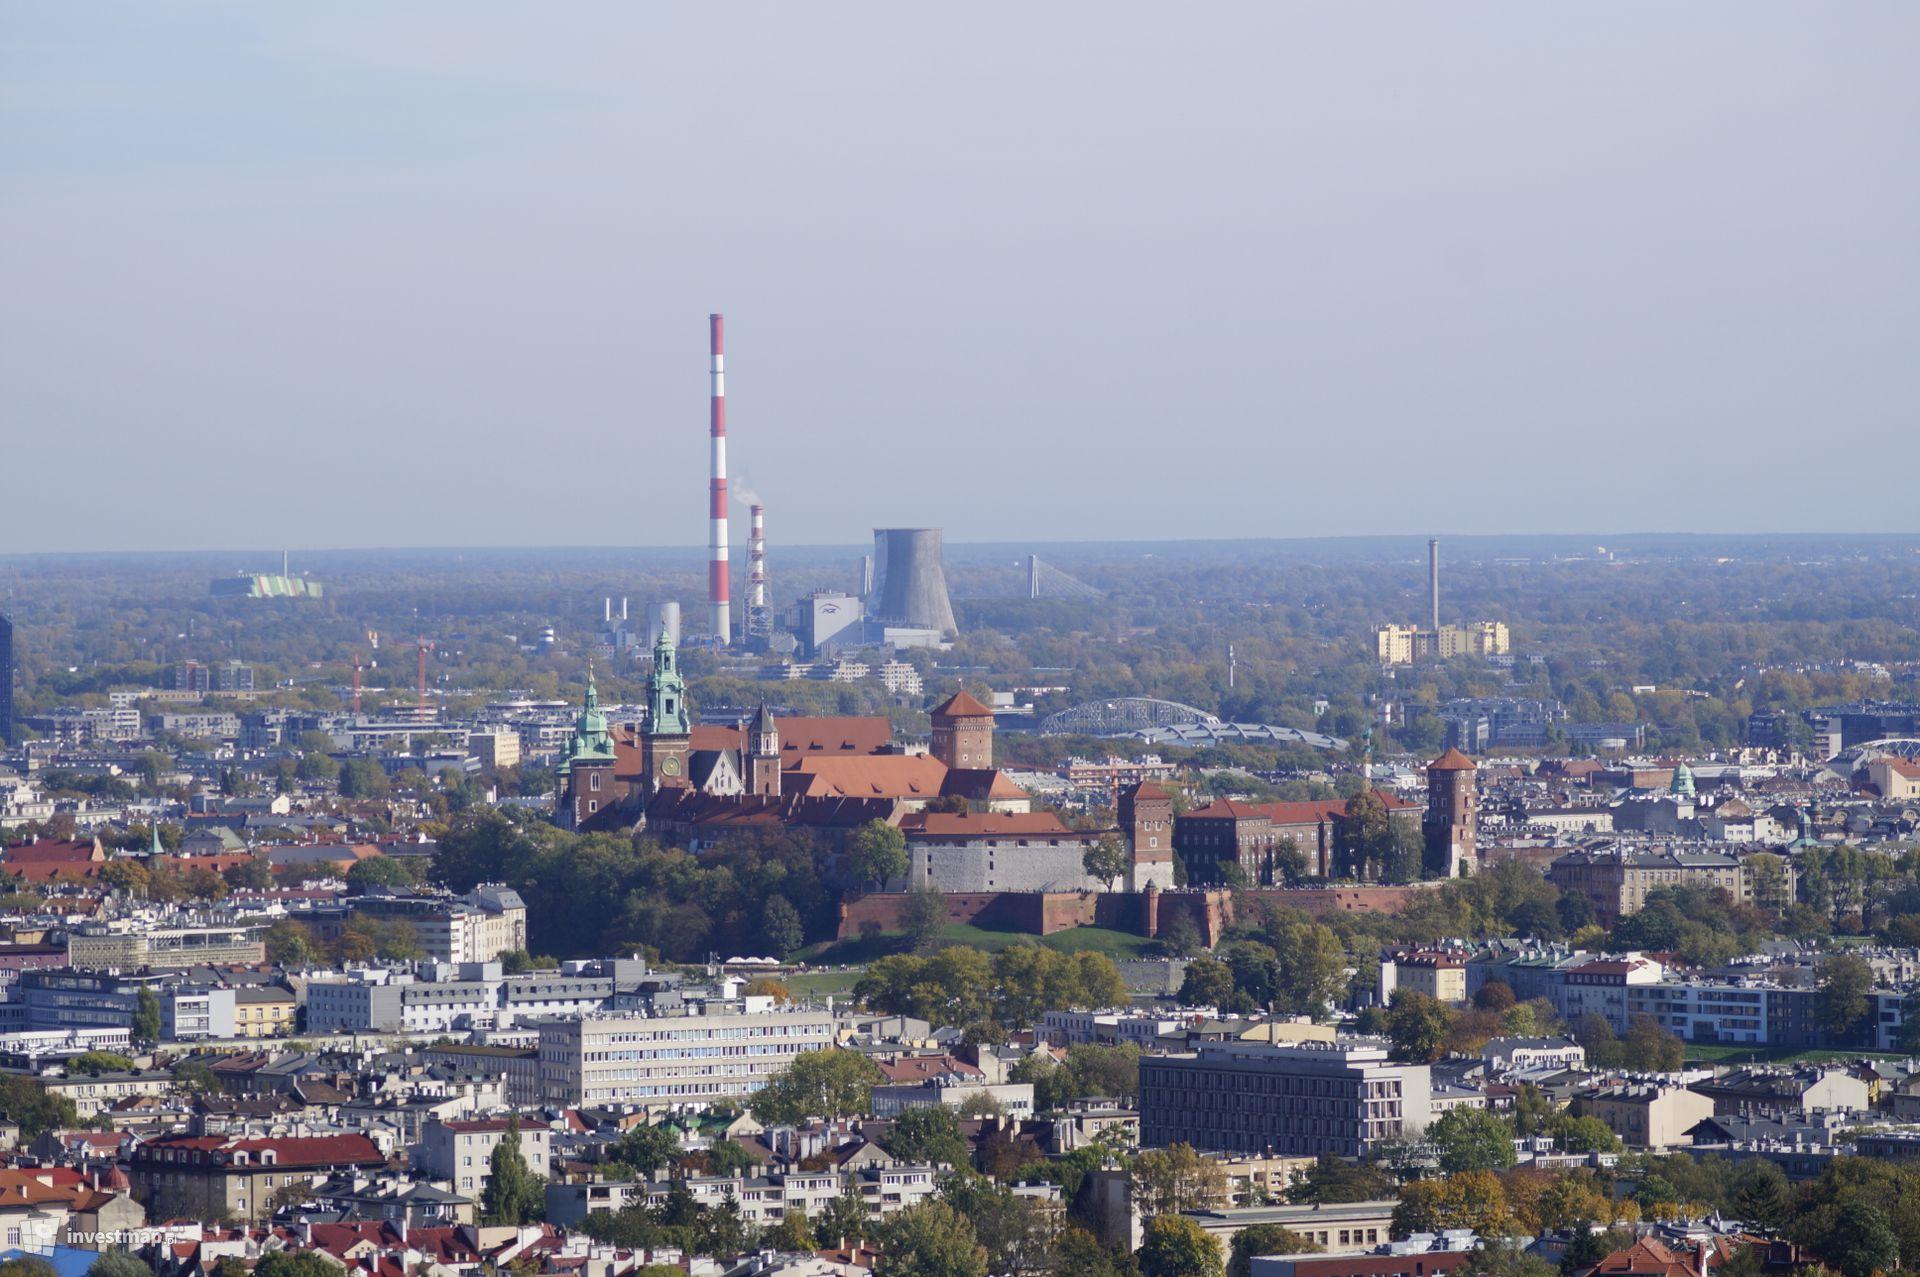 Mur Forteczny Wzgórza Wawelskiego - Remont